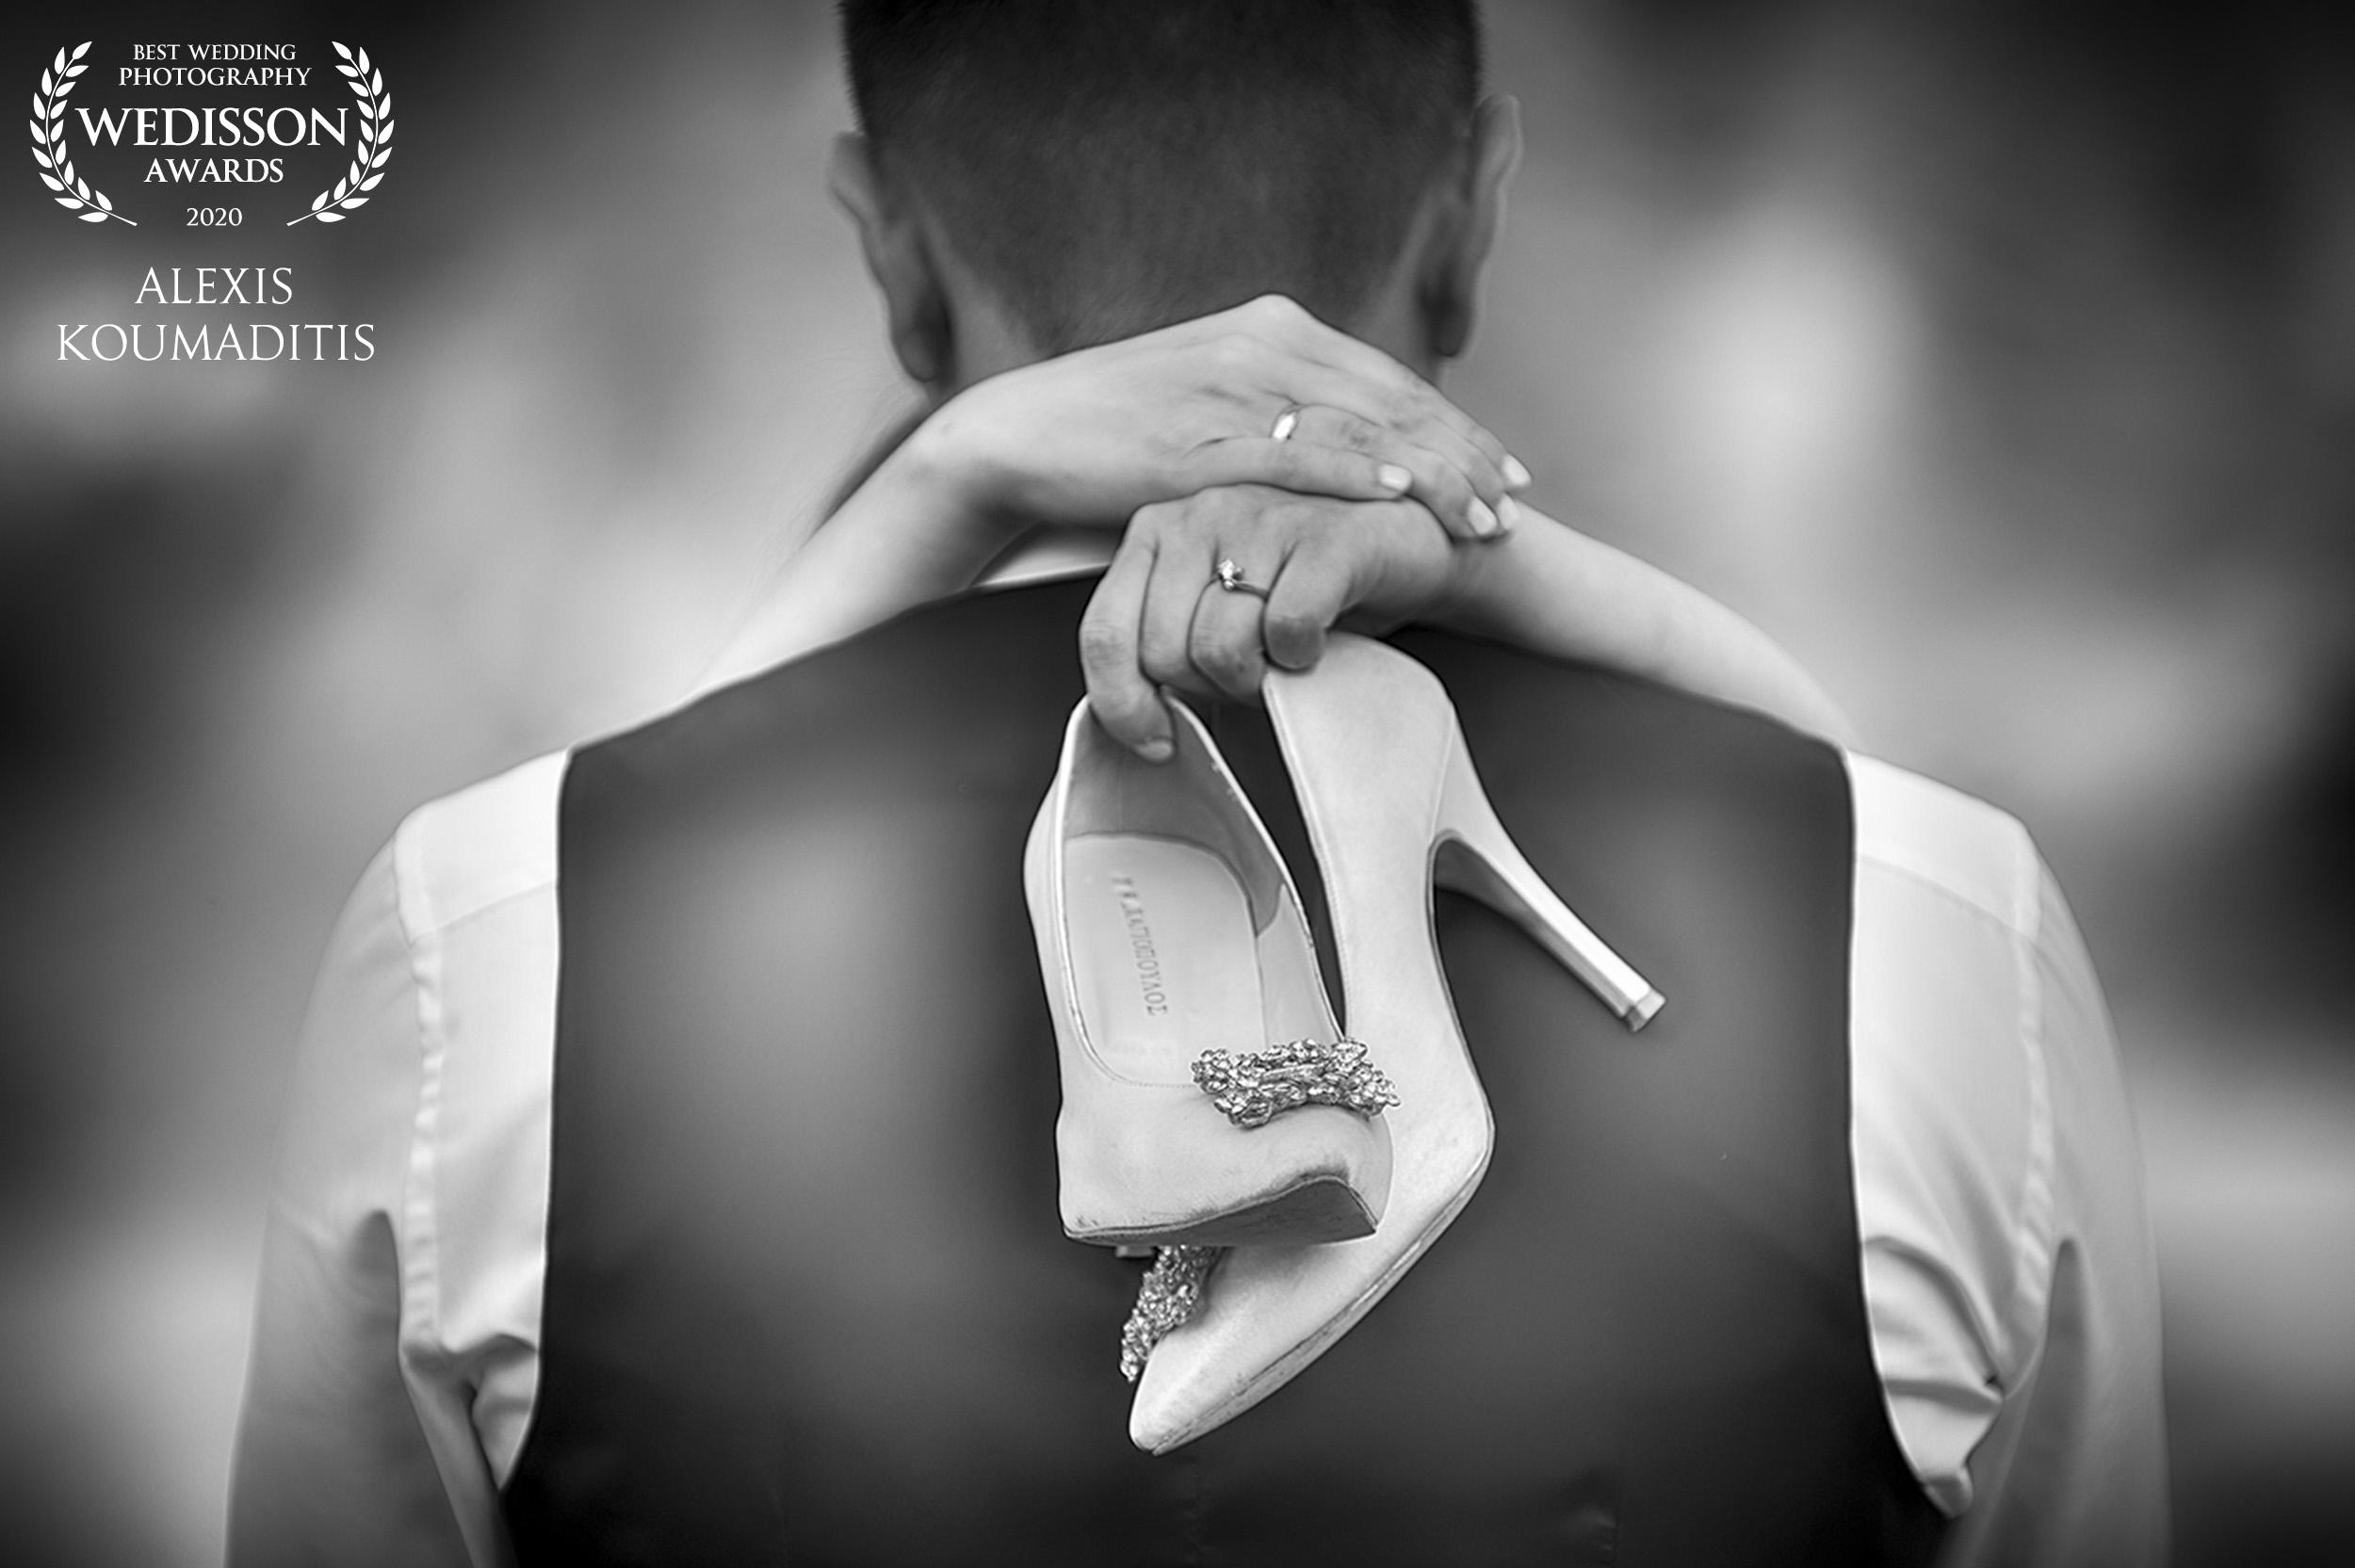 φωτογραφια-γαμος-περτουλι-θεσσαλια